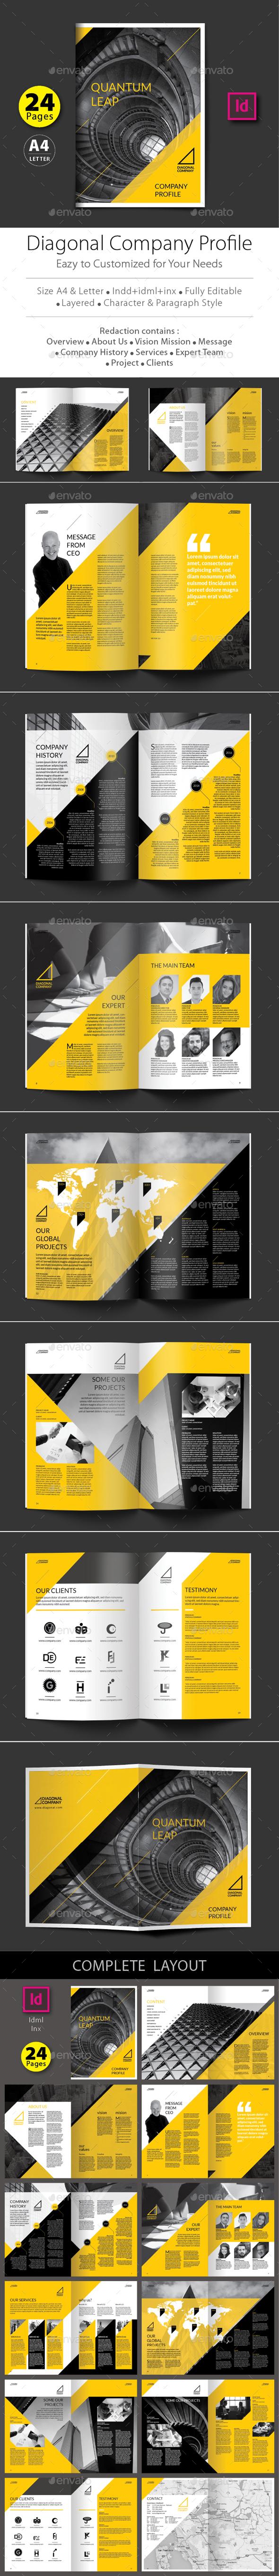 Company Profile Design Template V.1 | Diseño editorial, Editorial y ...